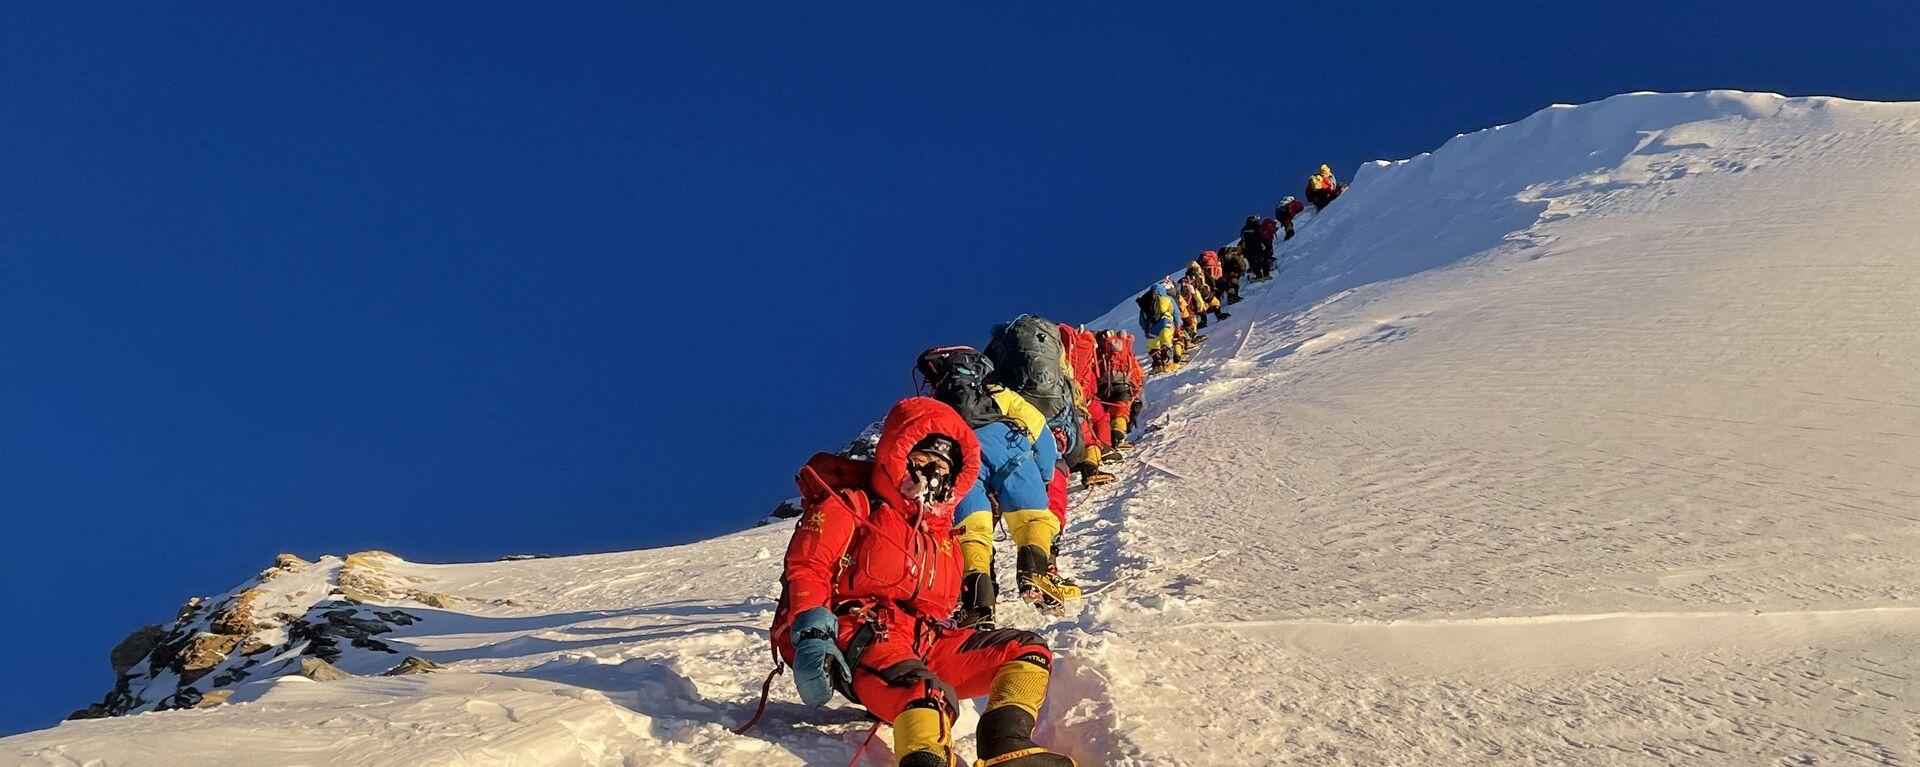 Альпинисты во время восхождения на Эверест в Непале  - Sputnik Таджикистан, 1920, 07.06.2021